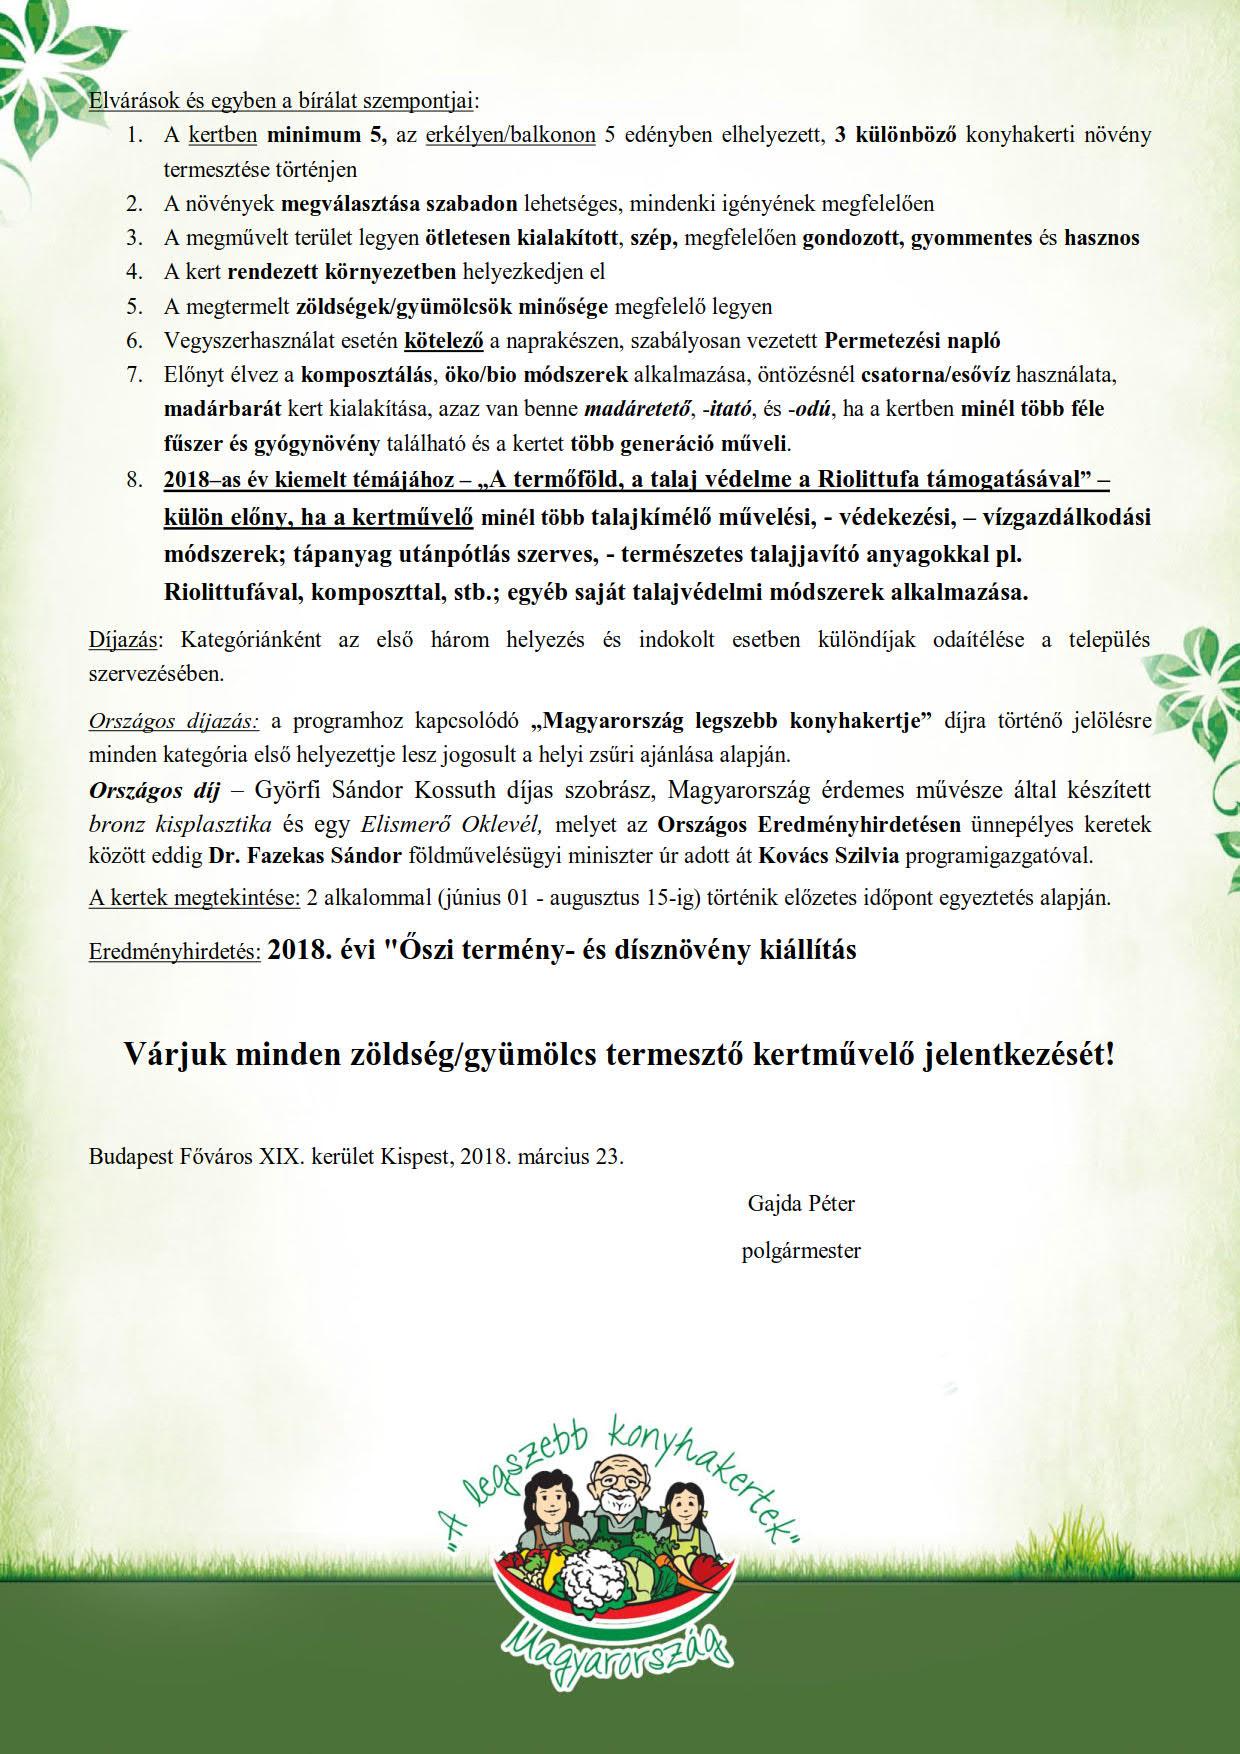 legszebb-konyhakert03-2018